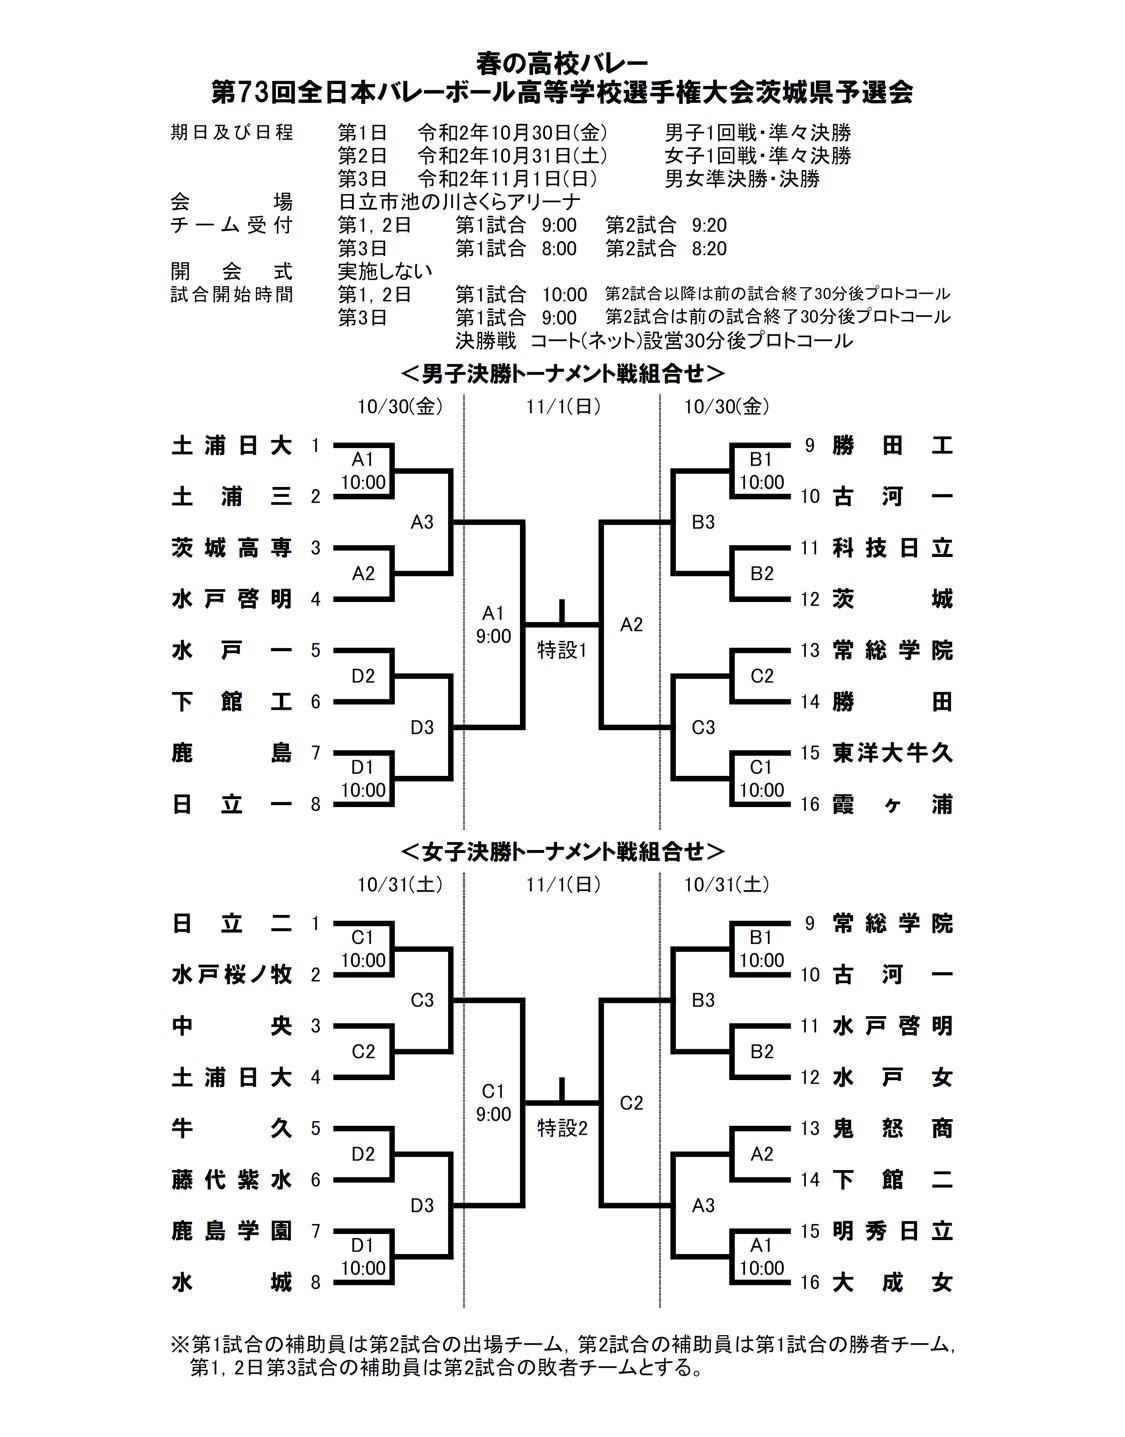 2020年度_全日本高校選手権_茨城予選_組合せ